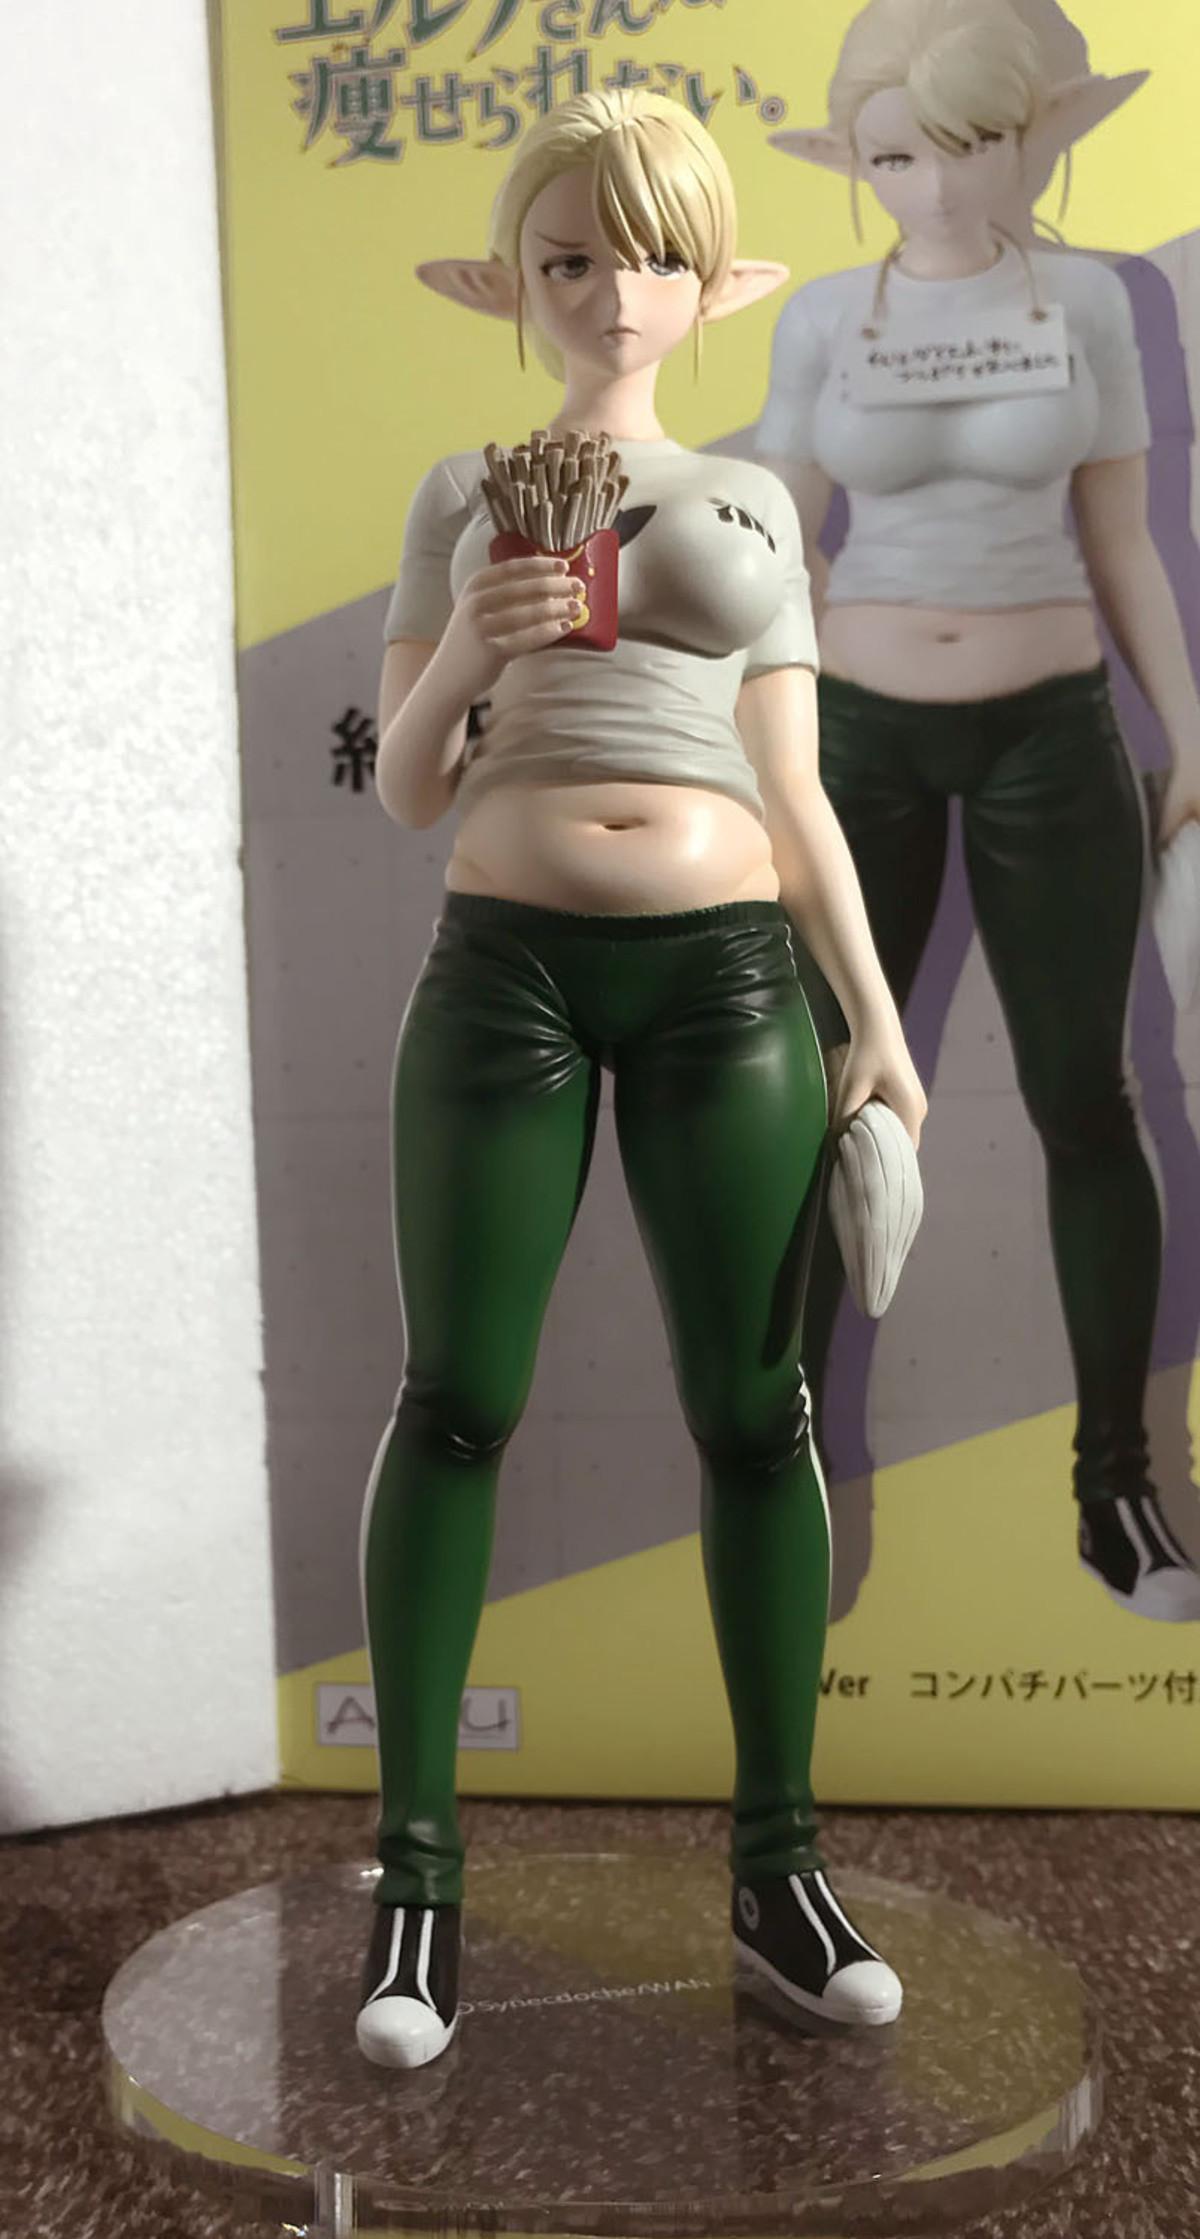 faint unique Cobra. Chubby Elf got herself a figure! YEAH BOY!.. elfs Phrasing